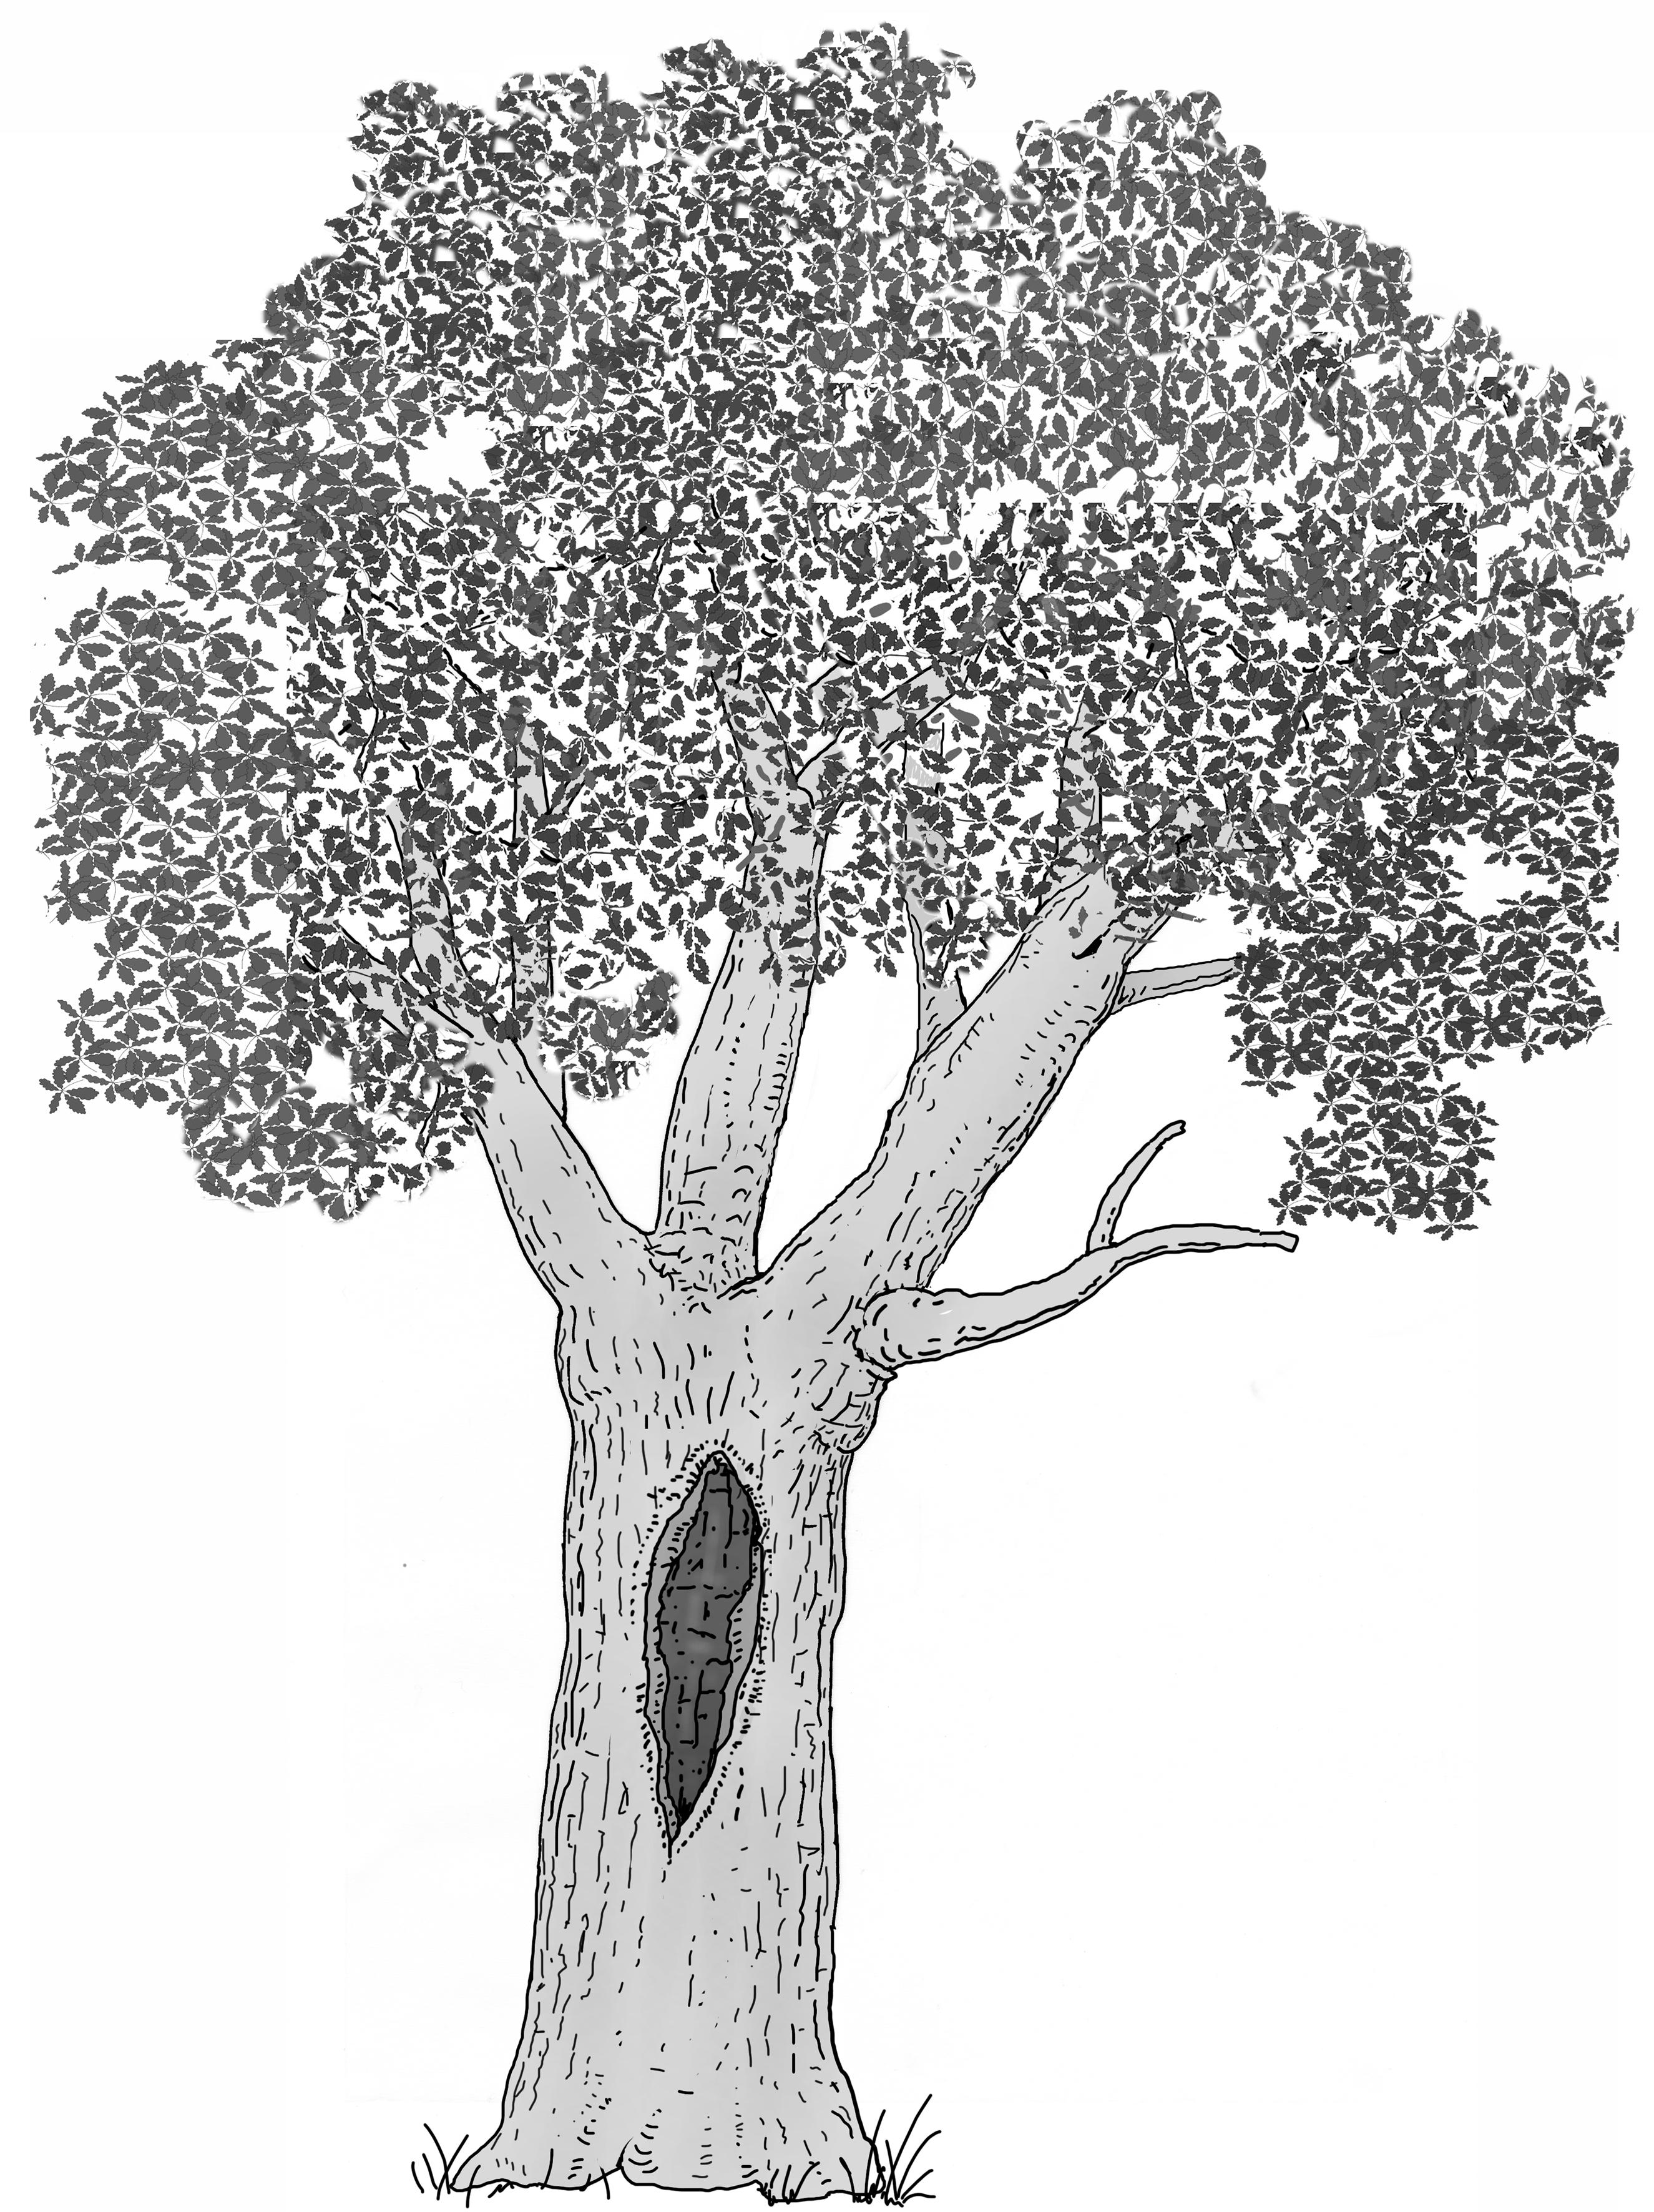 Ausgedehnte Holzzersetzung im Stamm. Zeichnung W. Roloff